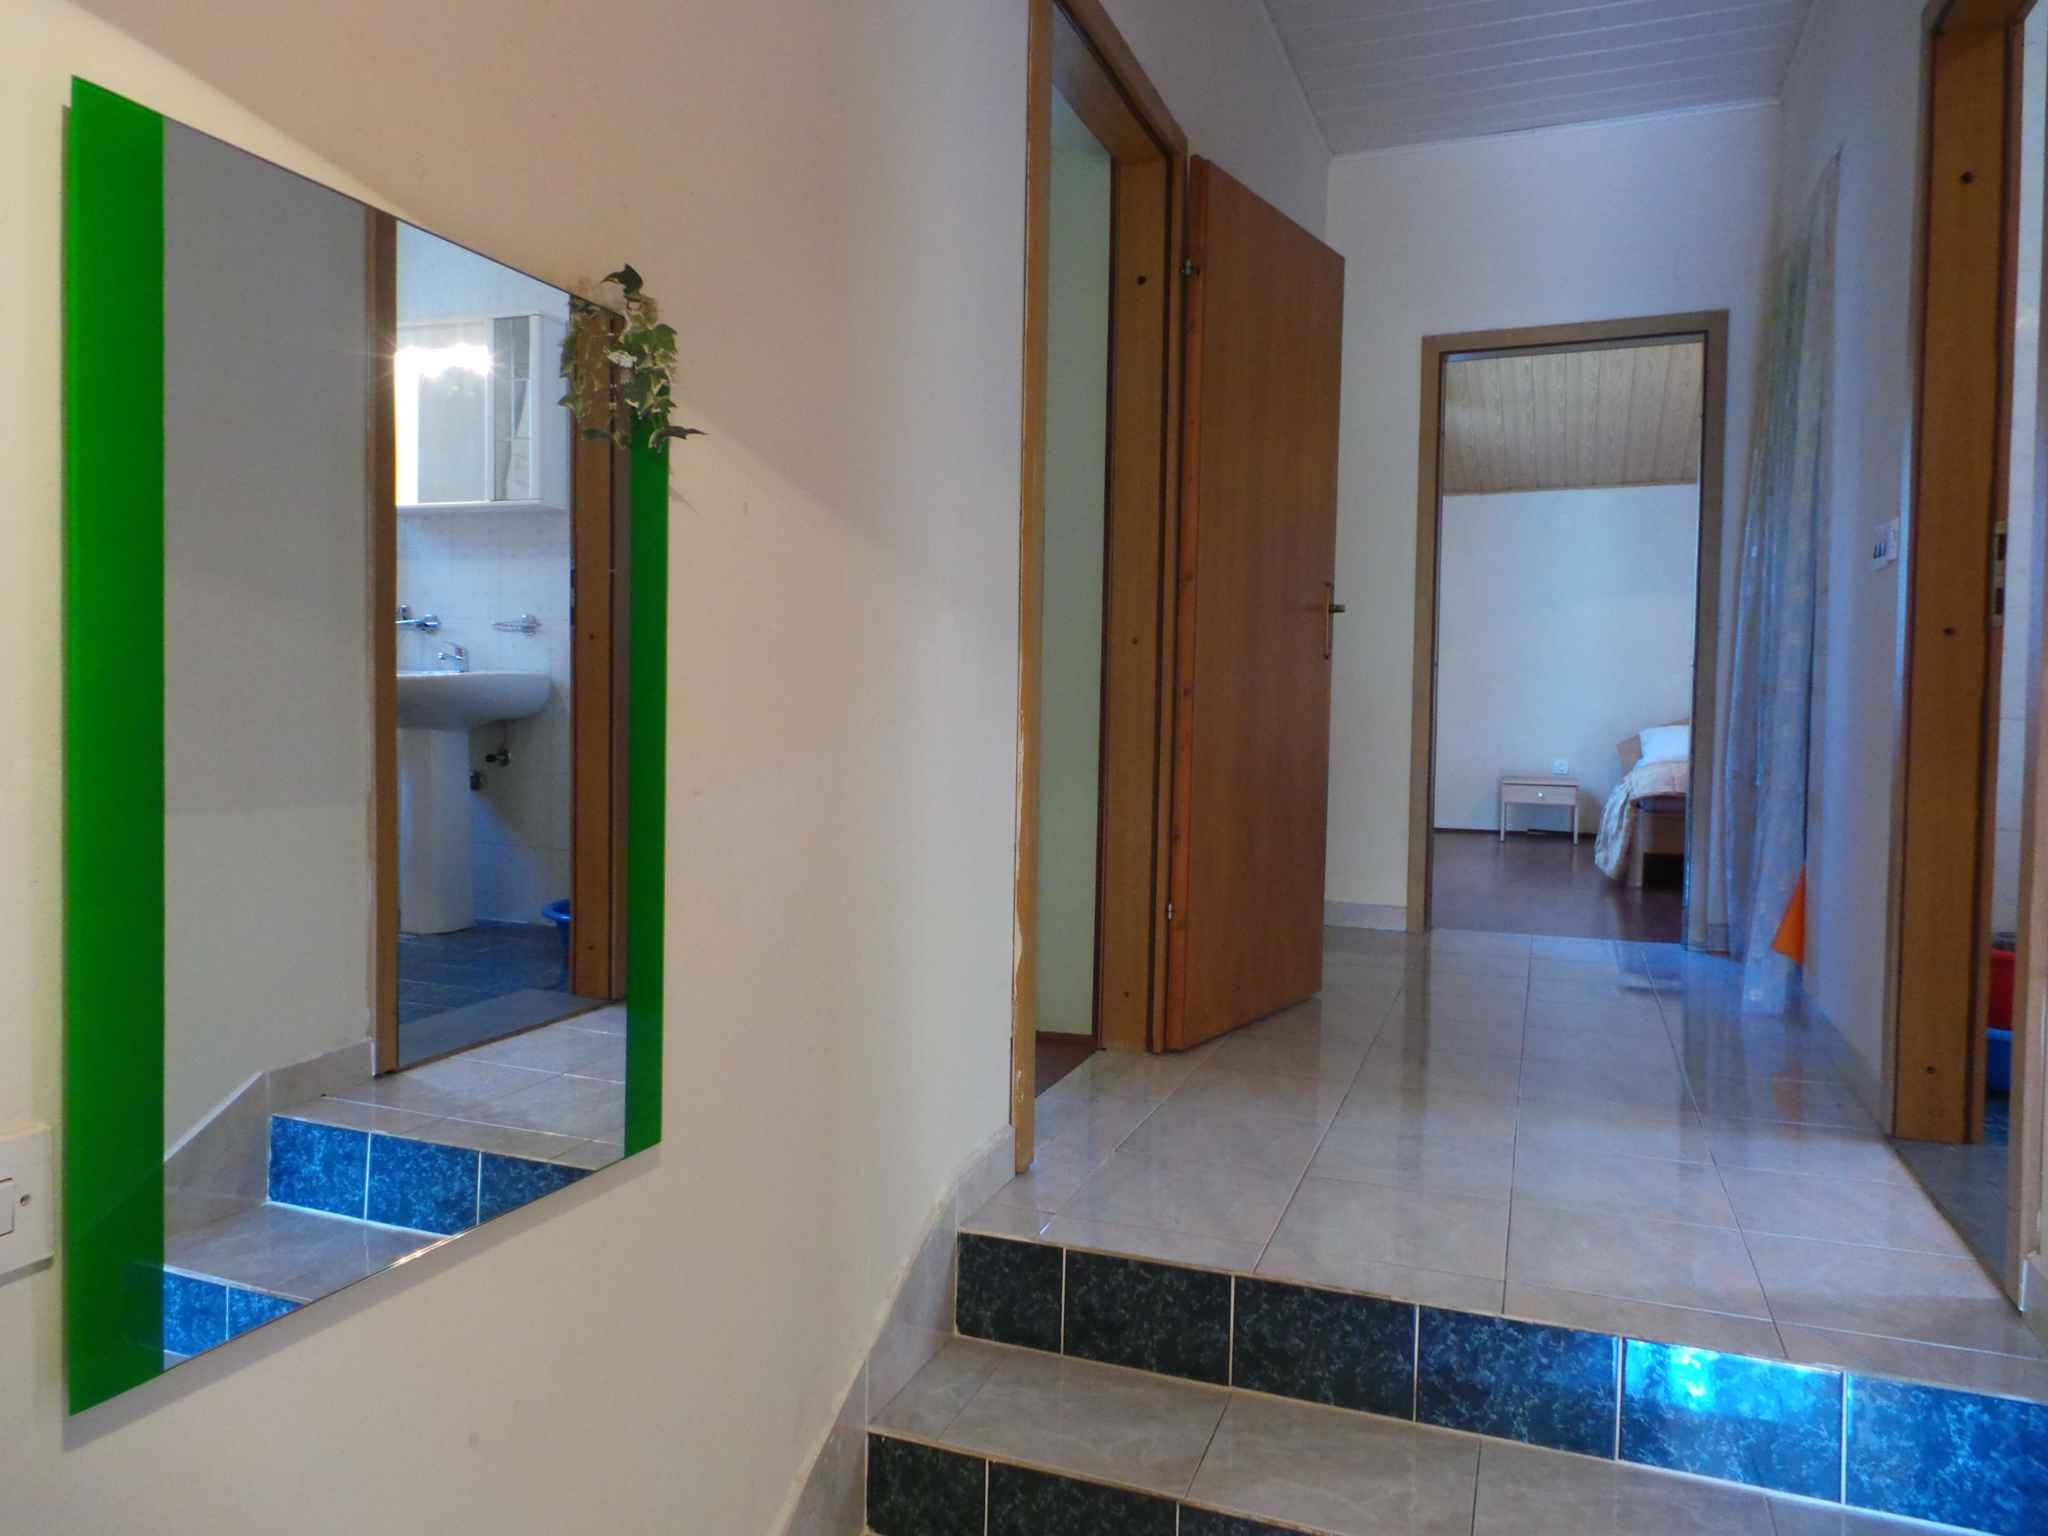 Ferienwohnung mit SAT-TV und Balkon (280821), Pula, , Istrien, Kroatien, Bild 5